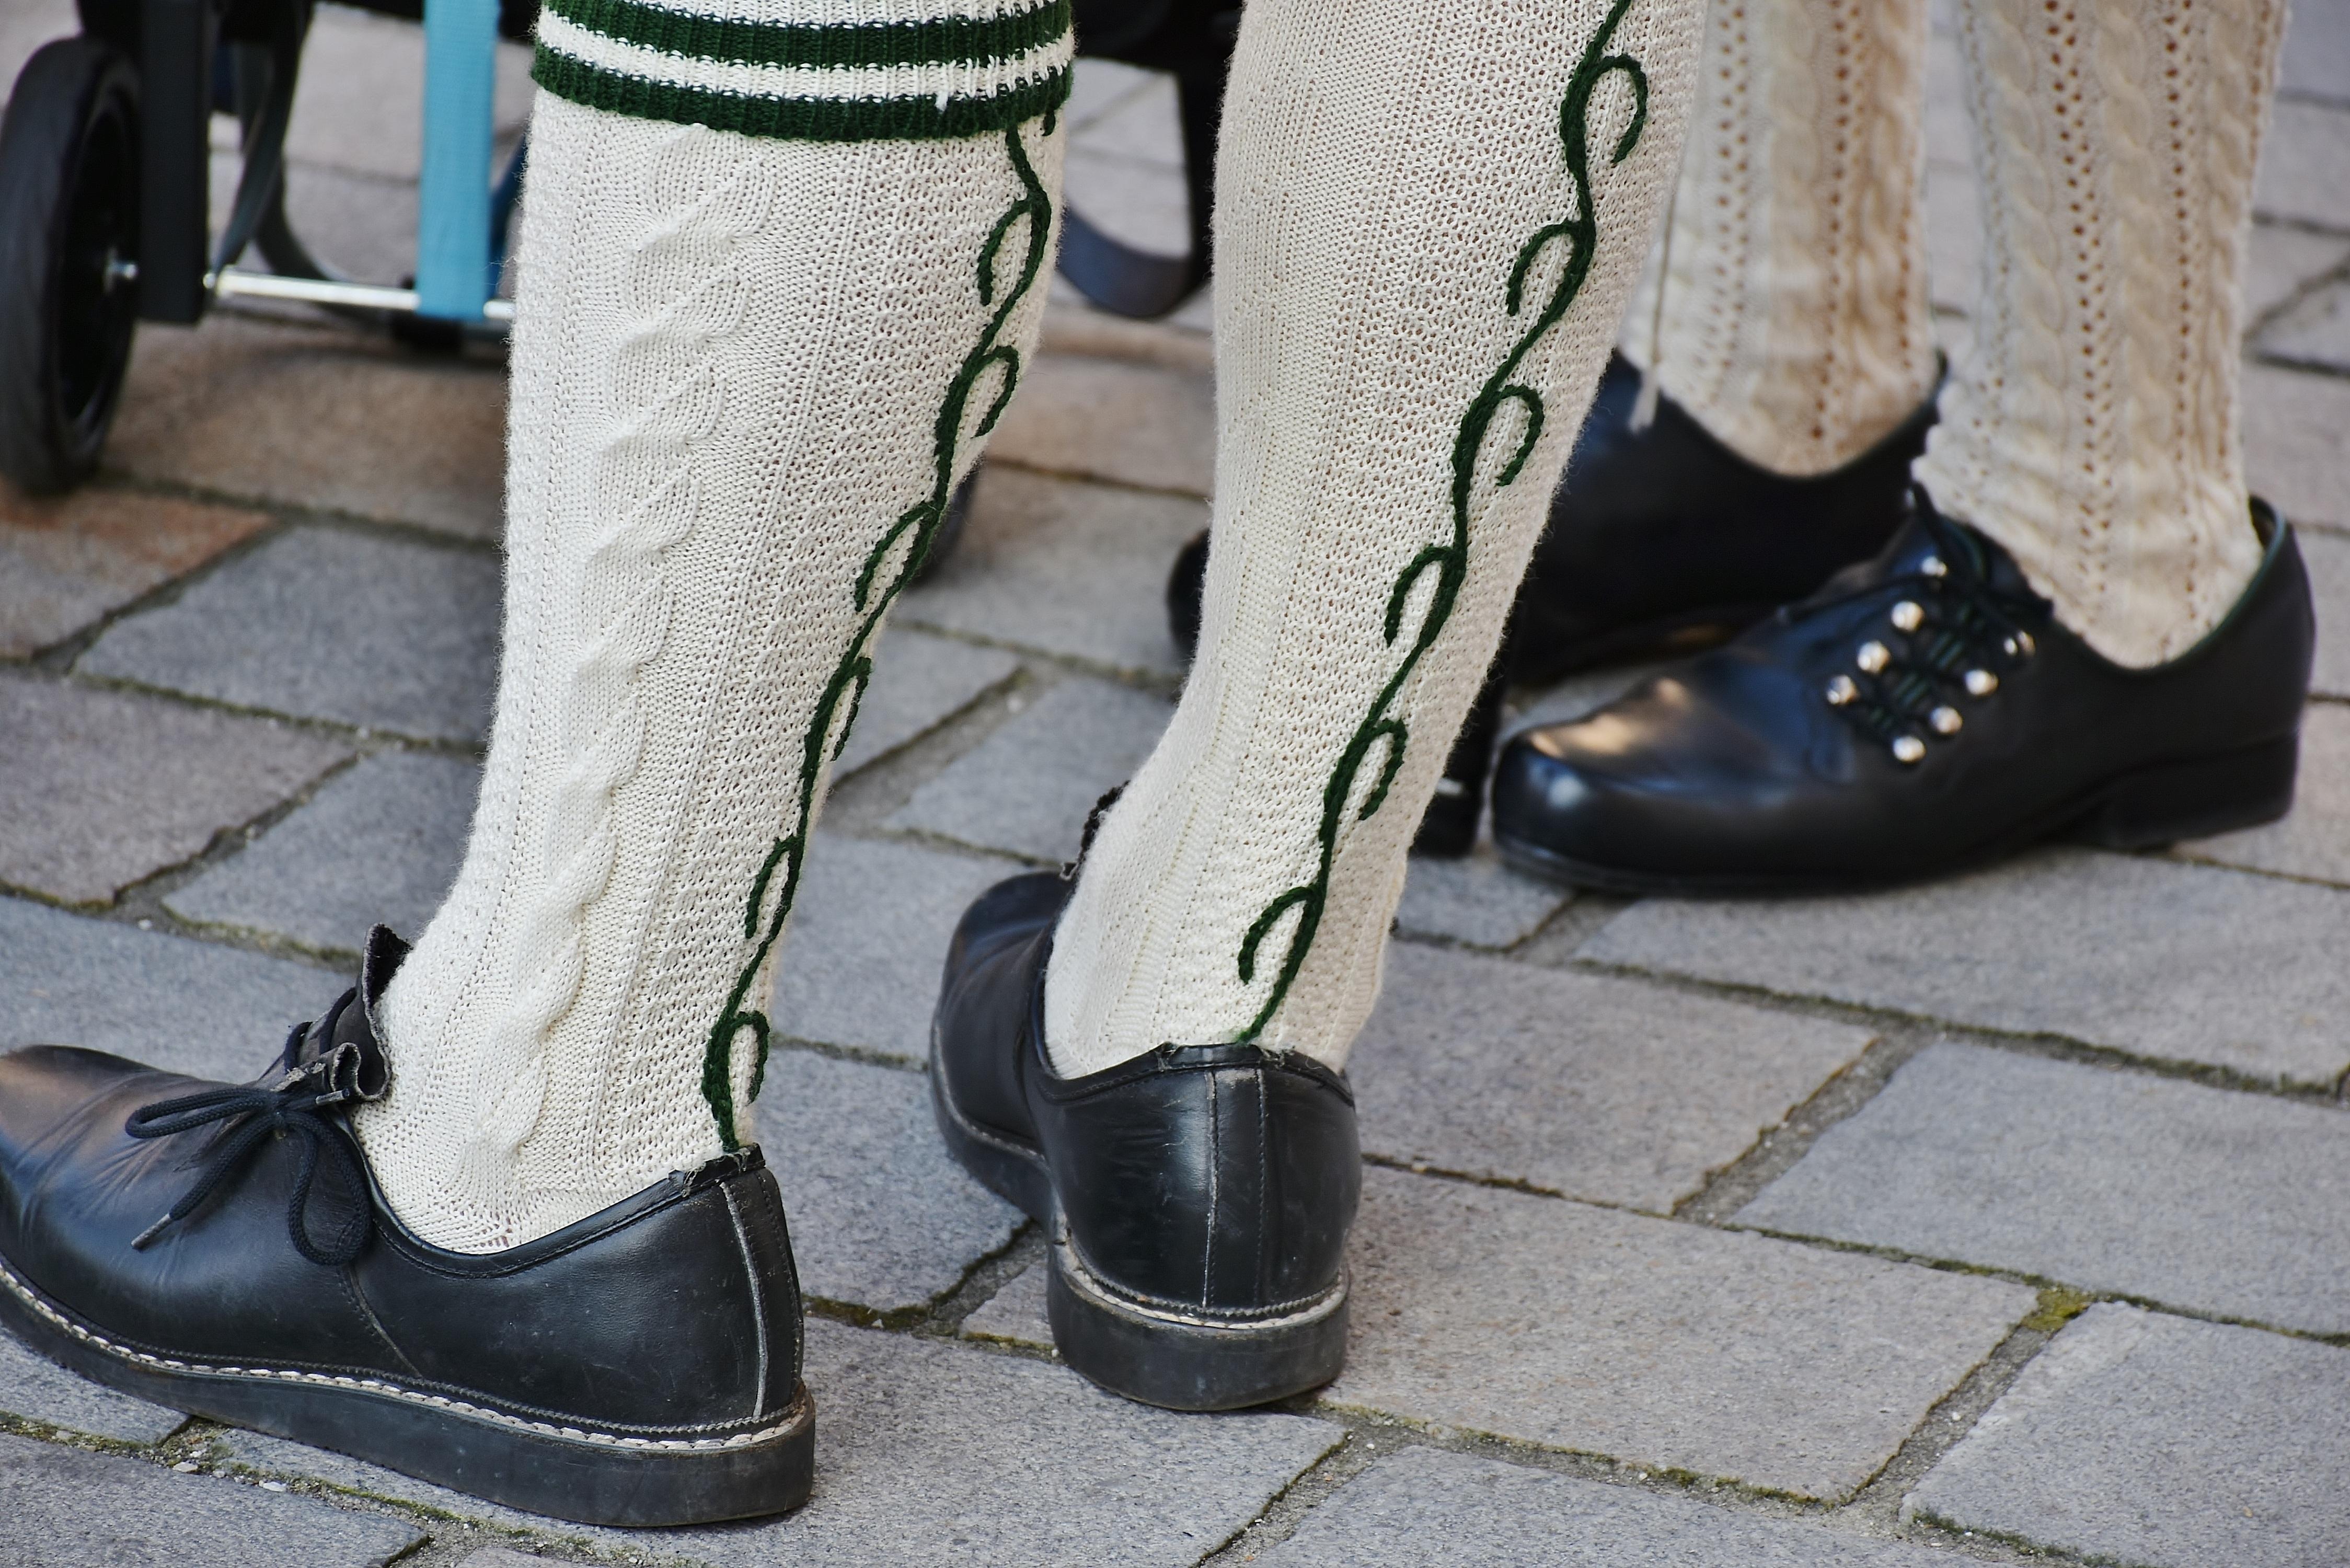 Gratis billeder : gruppe, støvle, ben, forår, grøn, mode